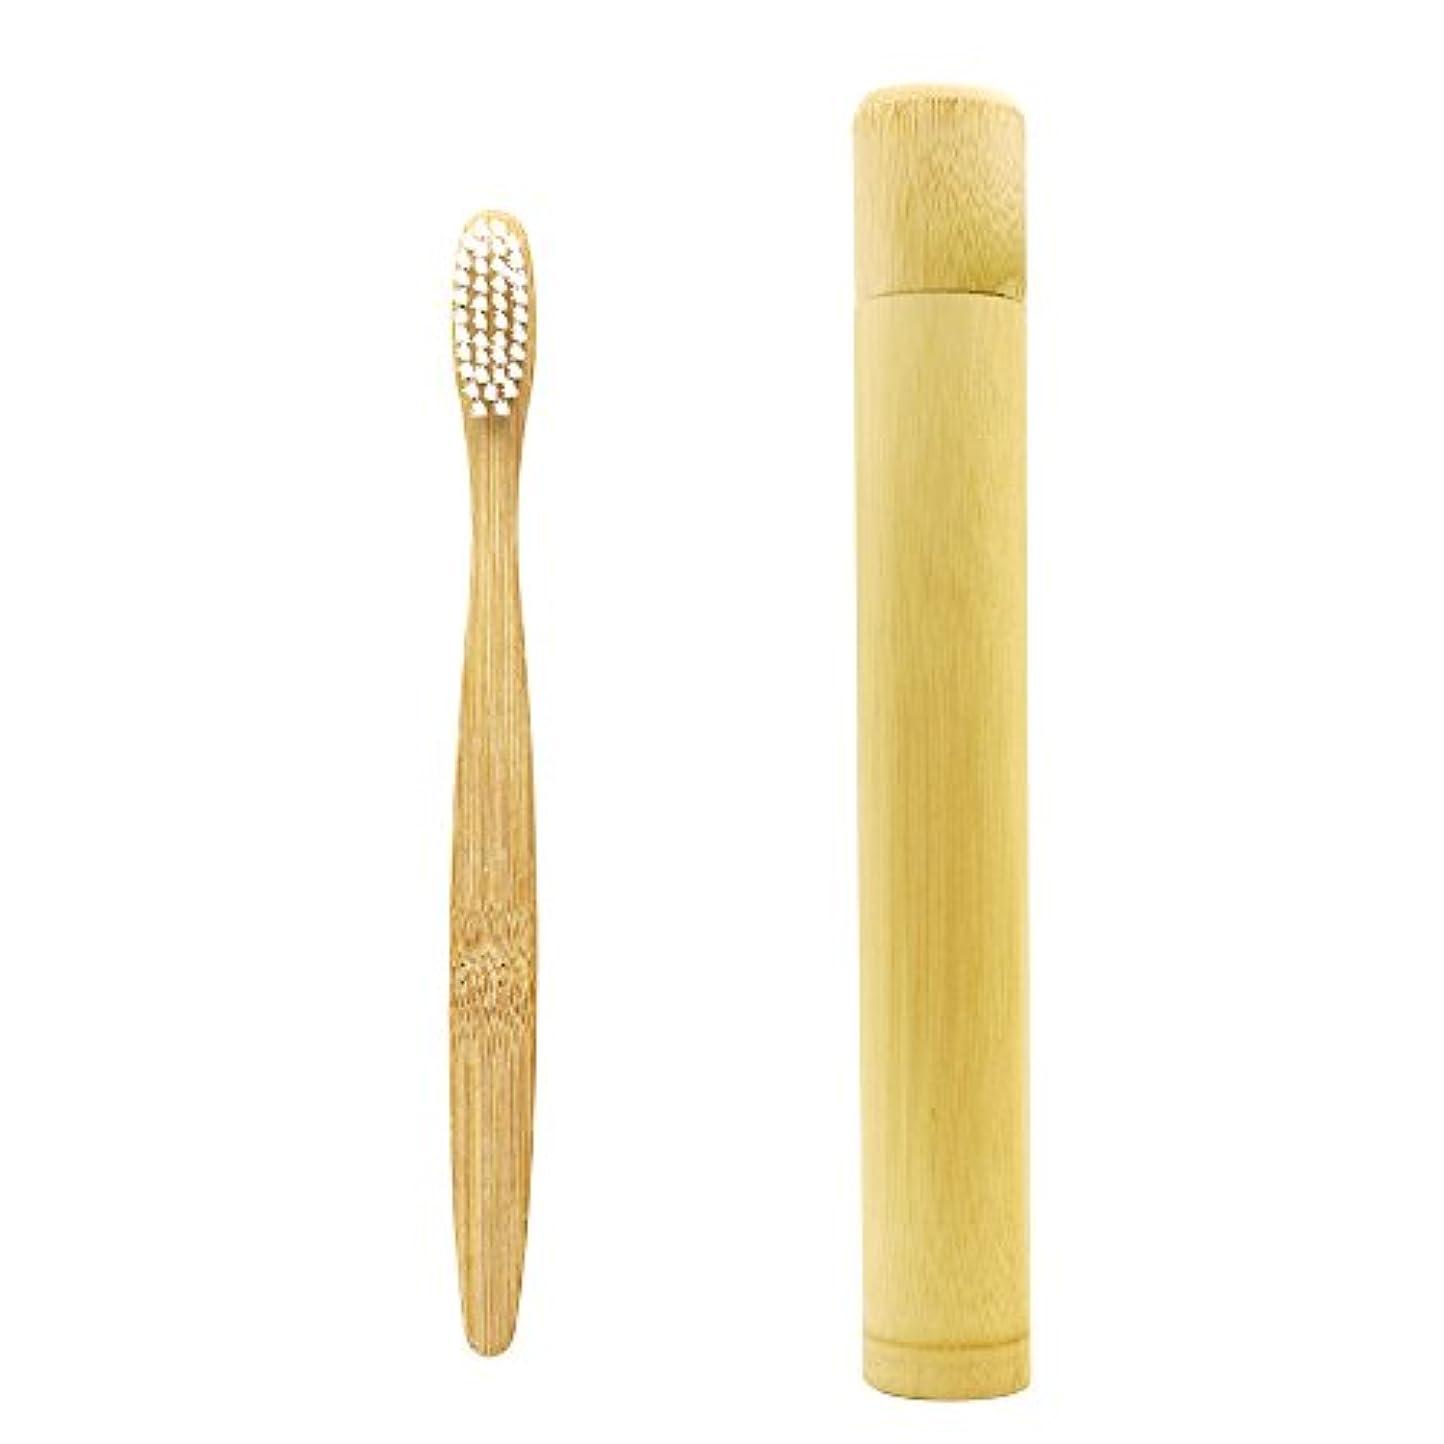 ドナウ川古風な割れ目N-amboo 竹製耐久度高い 白い歯ブラシ 携帯用 ケース付き セット 軽量 携帯便利 出張旅行